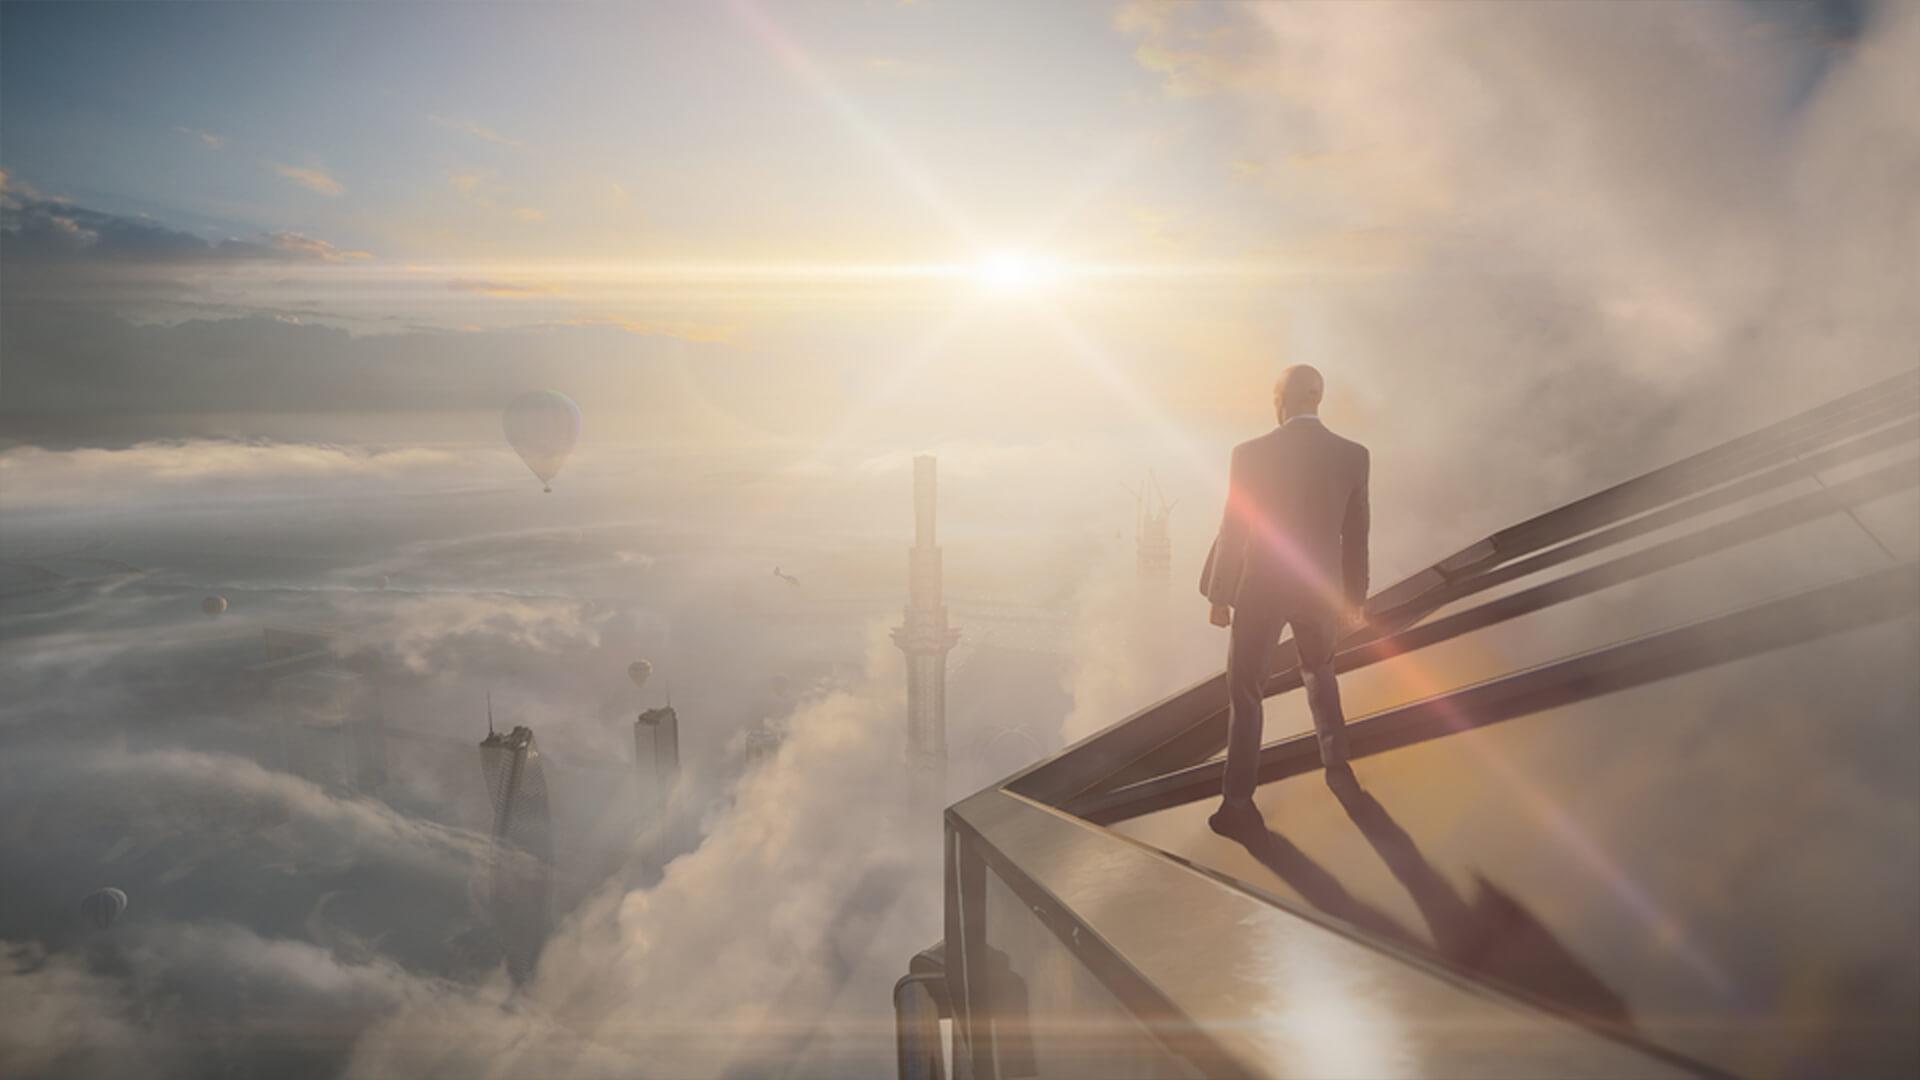 Estrenos de videojuegos enero 2021: Hitman 3, The Medium y más